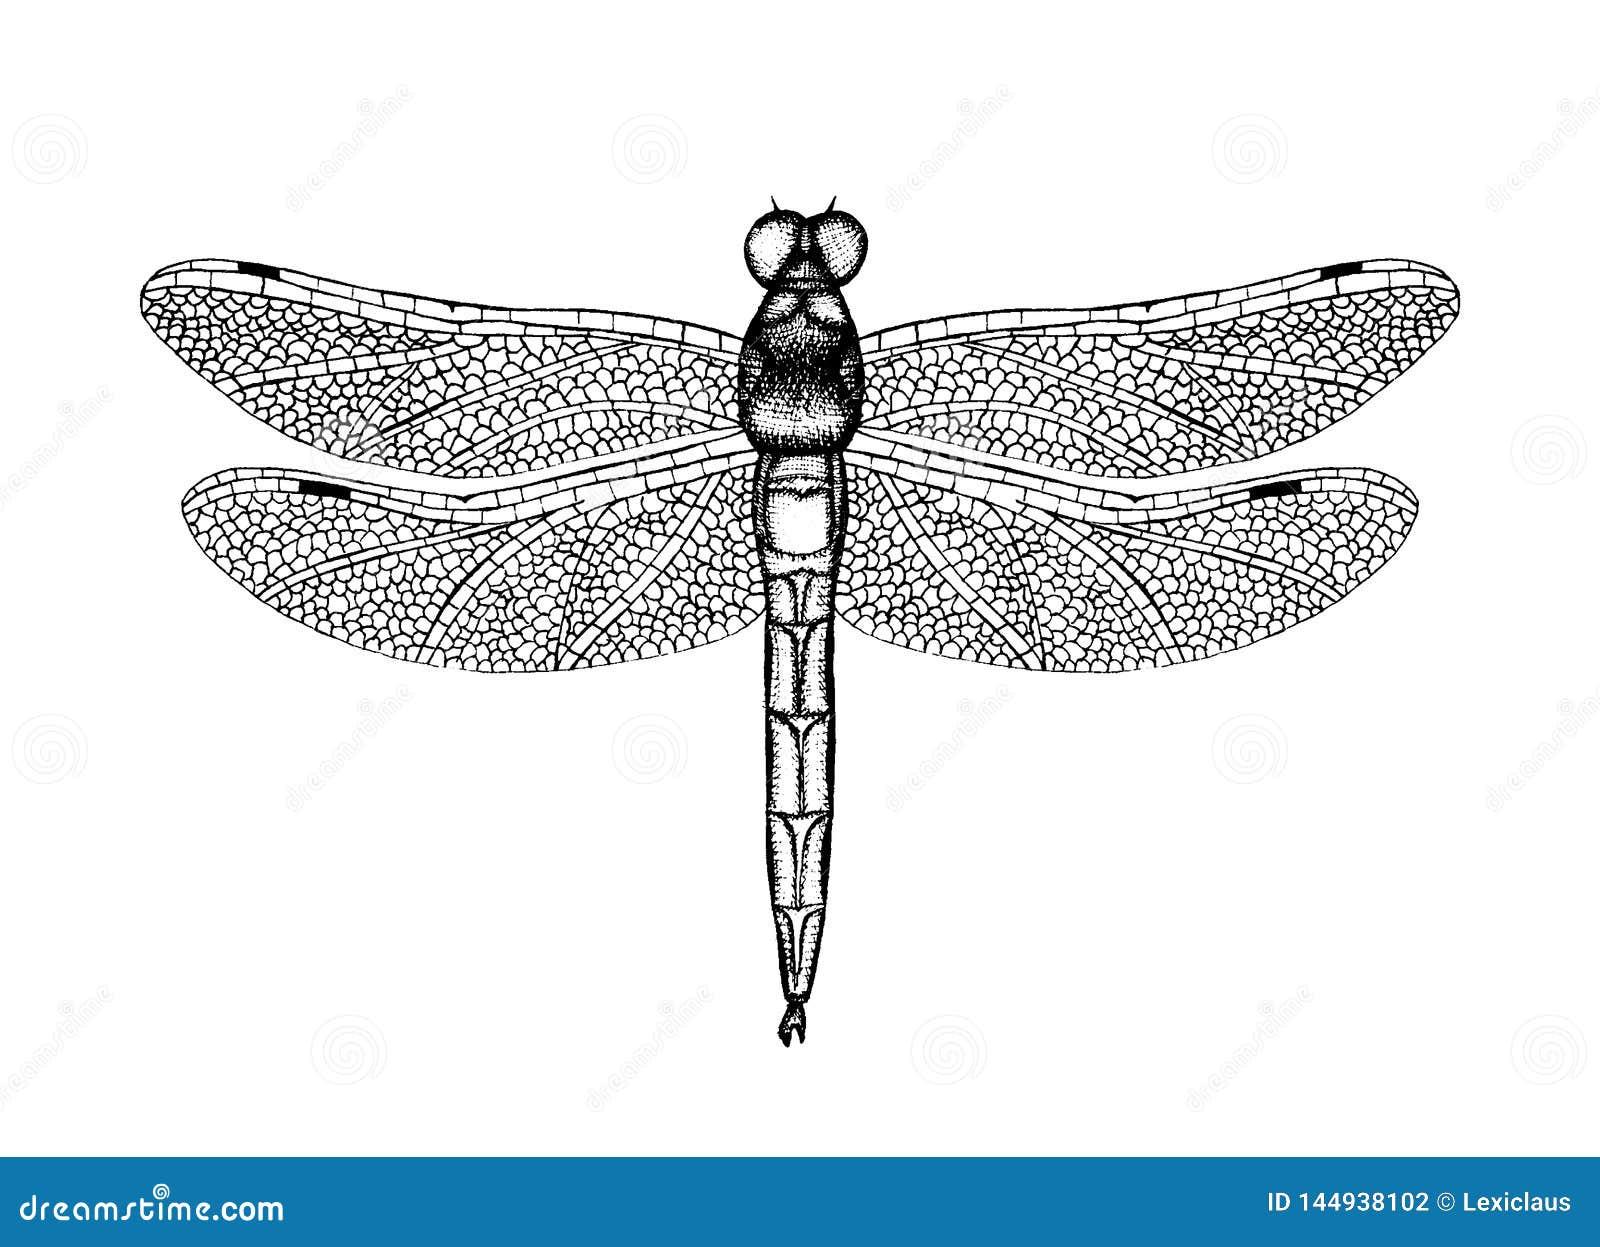 Ilustração preto e branco do vetor de uma libélula